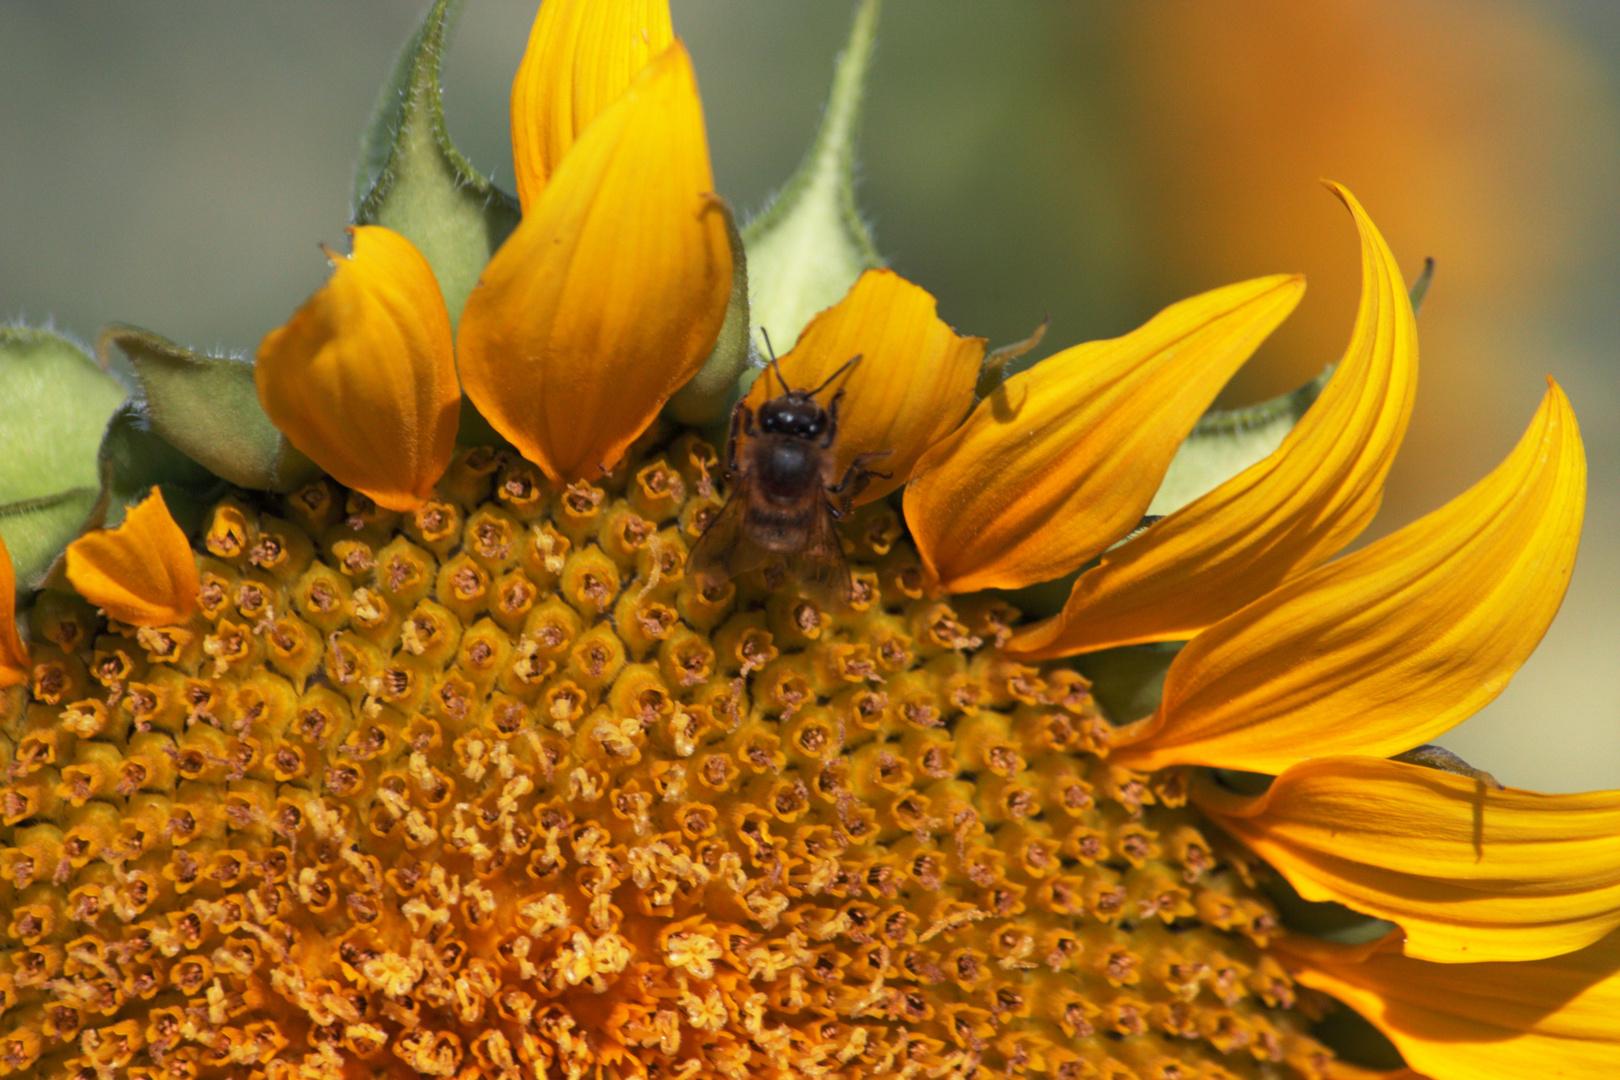 girasol y abeja